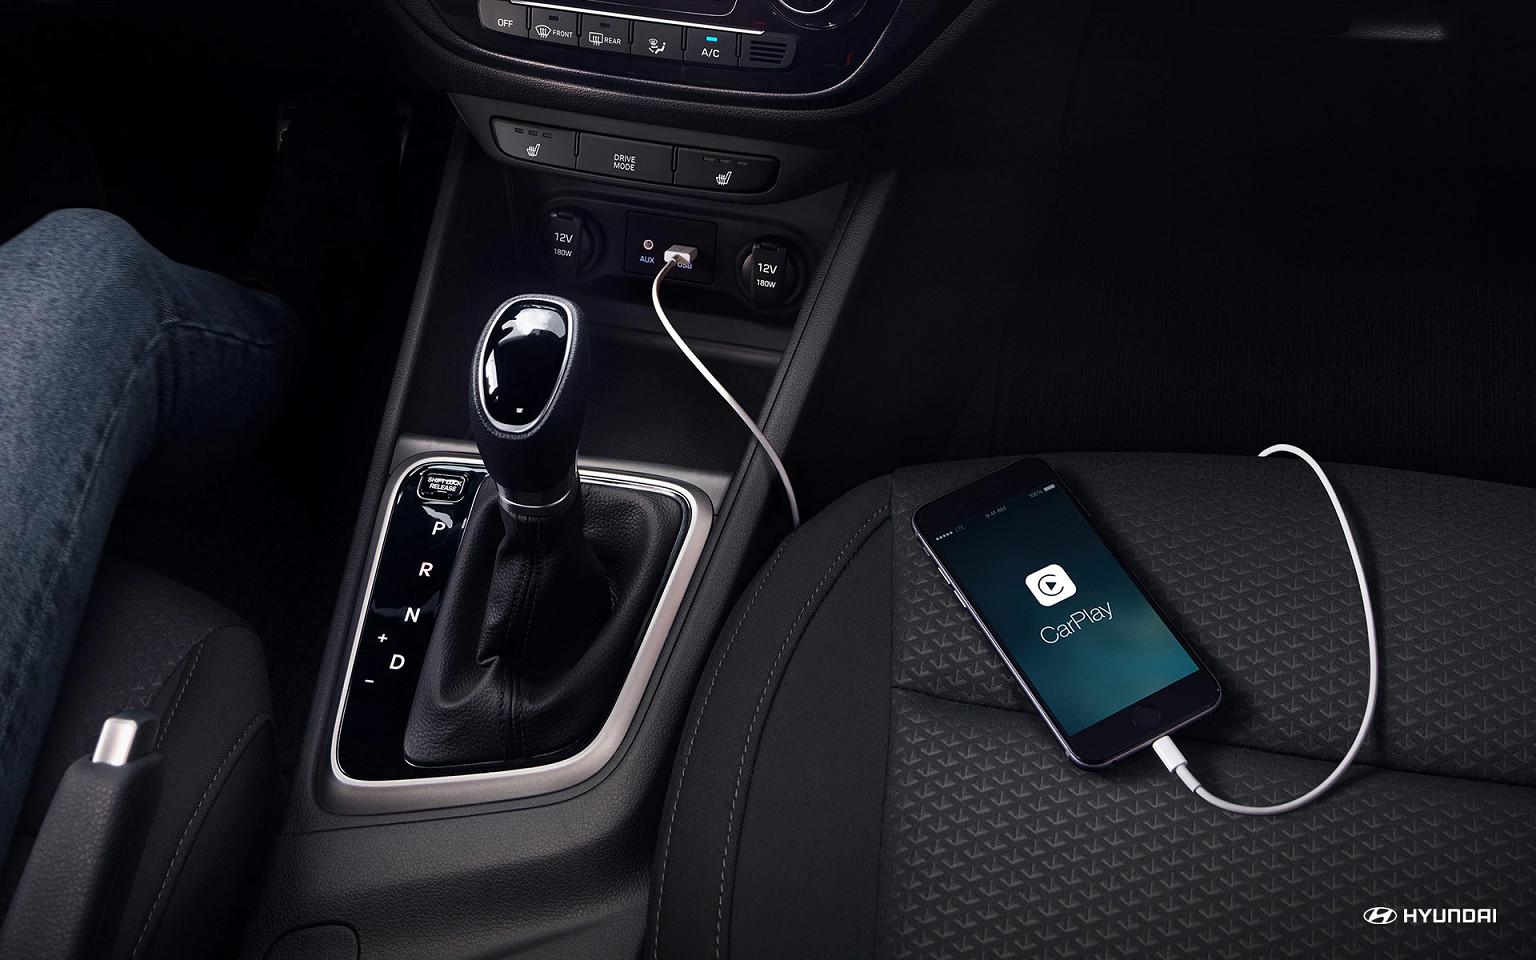 Con Apple CarPlay® podrás usar tu teléfono mientras conduces sin tenerlo en tus manos.